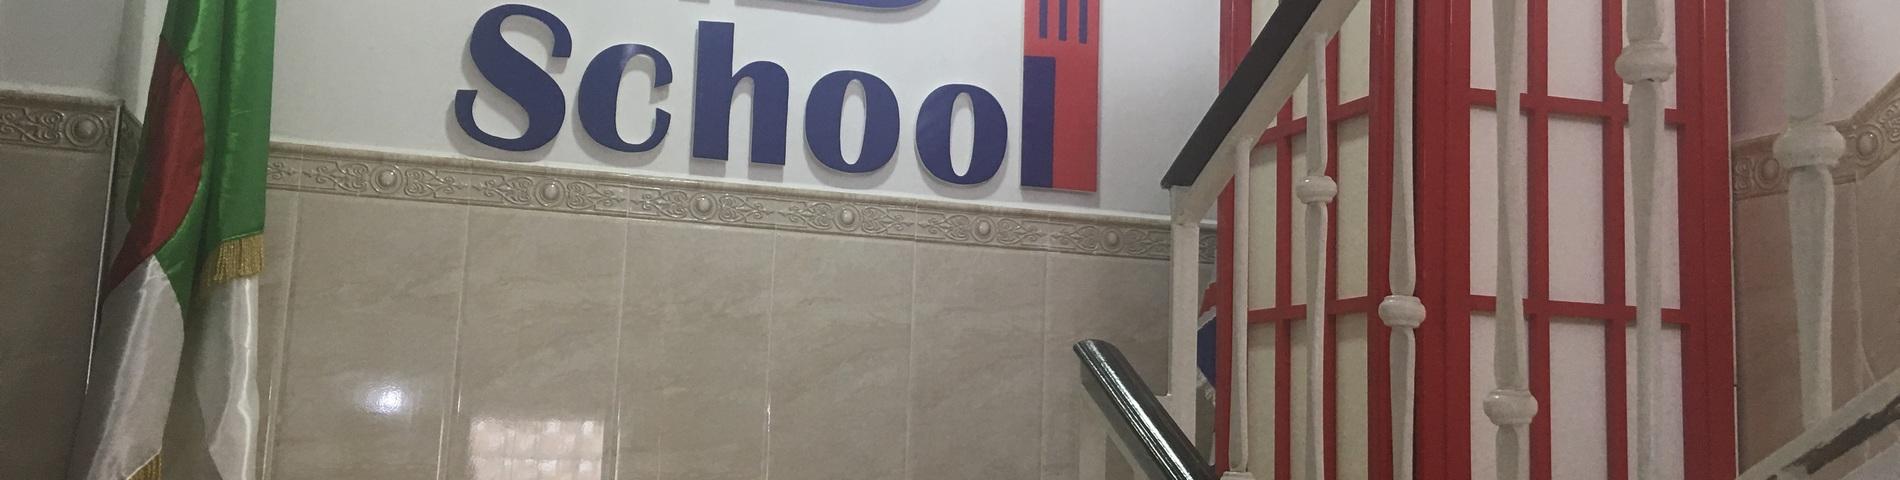 ABI School صورة 1